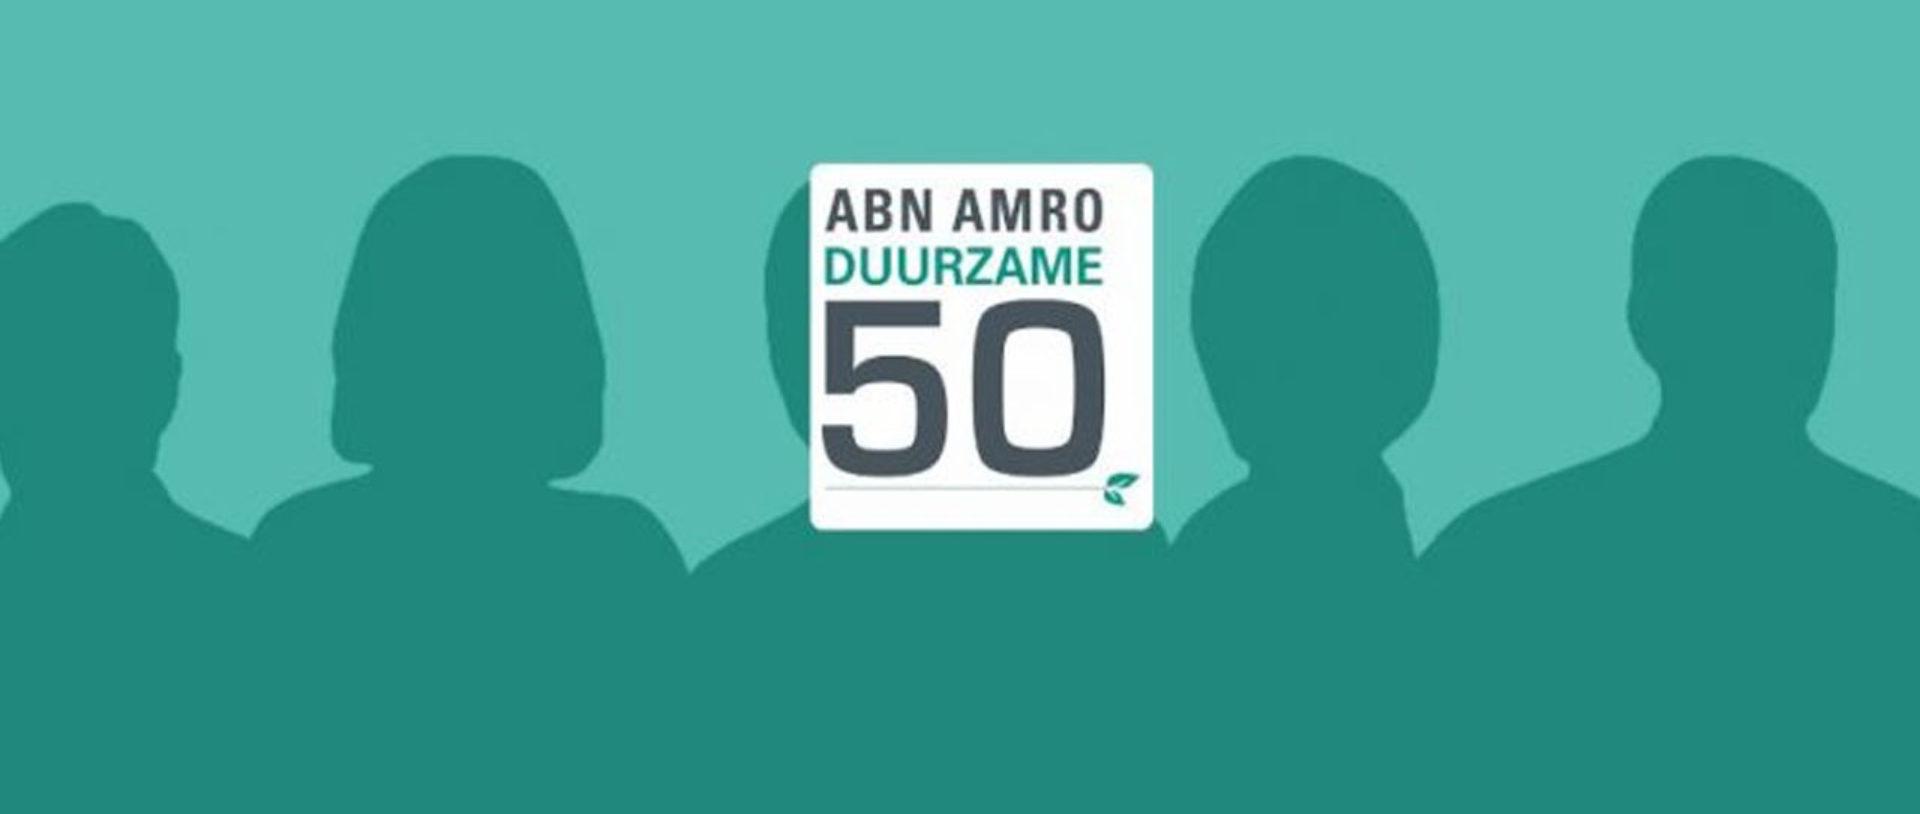 ABN AMRO duurzame 50 1280x560